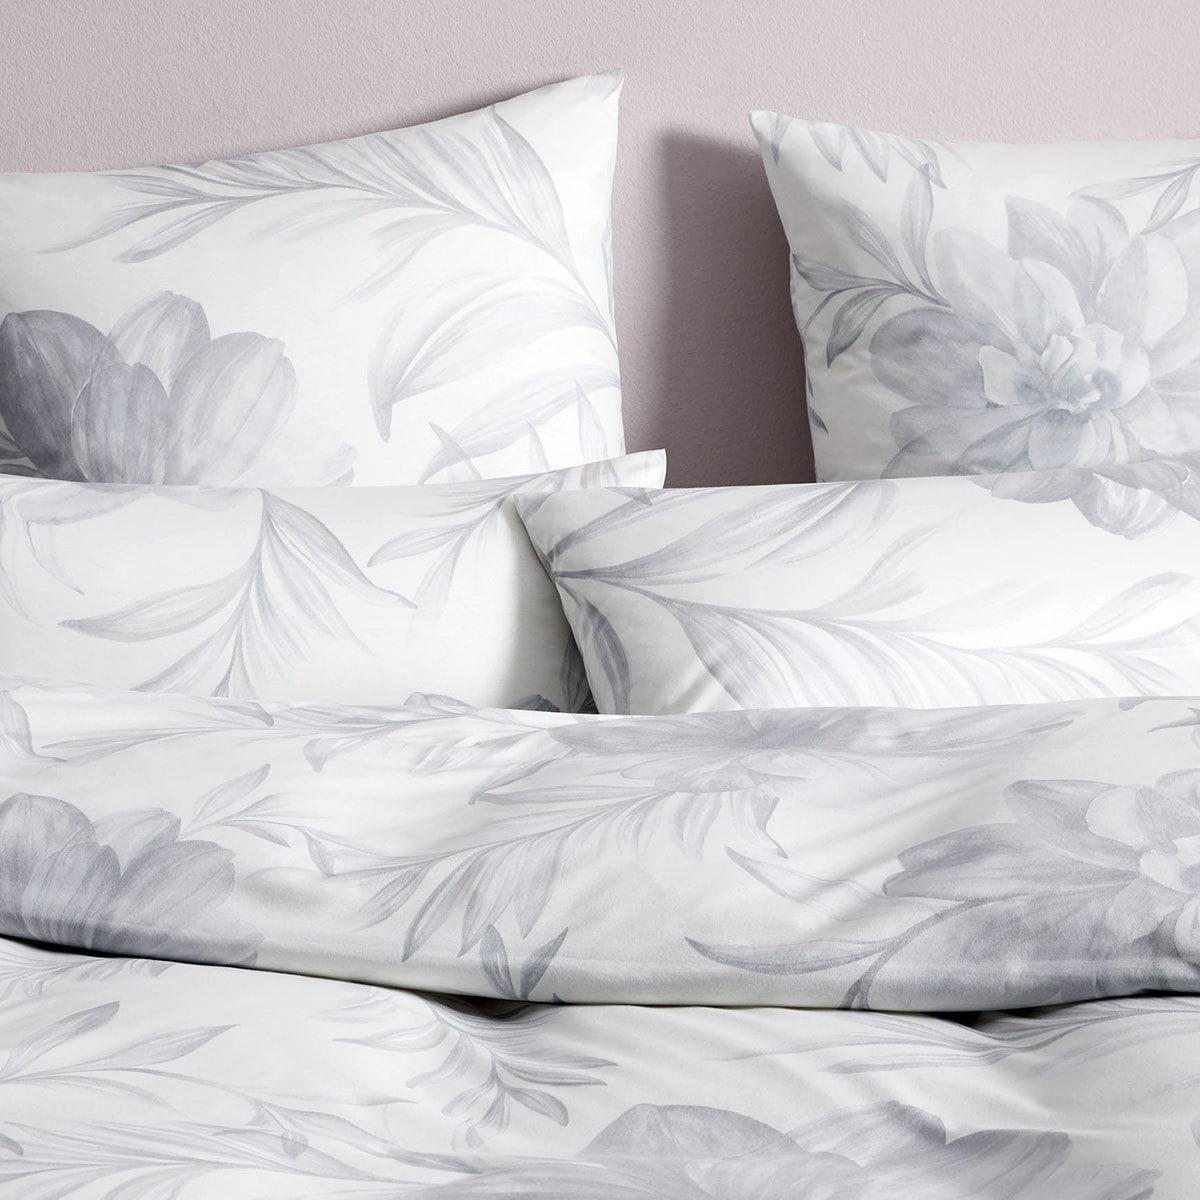 elegante jersey bettw sche blossom silbergrau g nstig online kaufen bei bettwaren shop. Black Bedroom Furniture Sets. Home Design Ideas